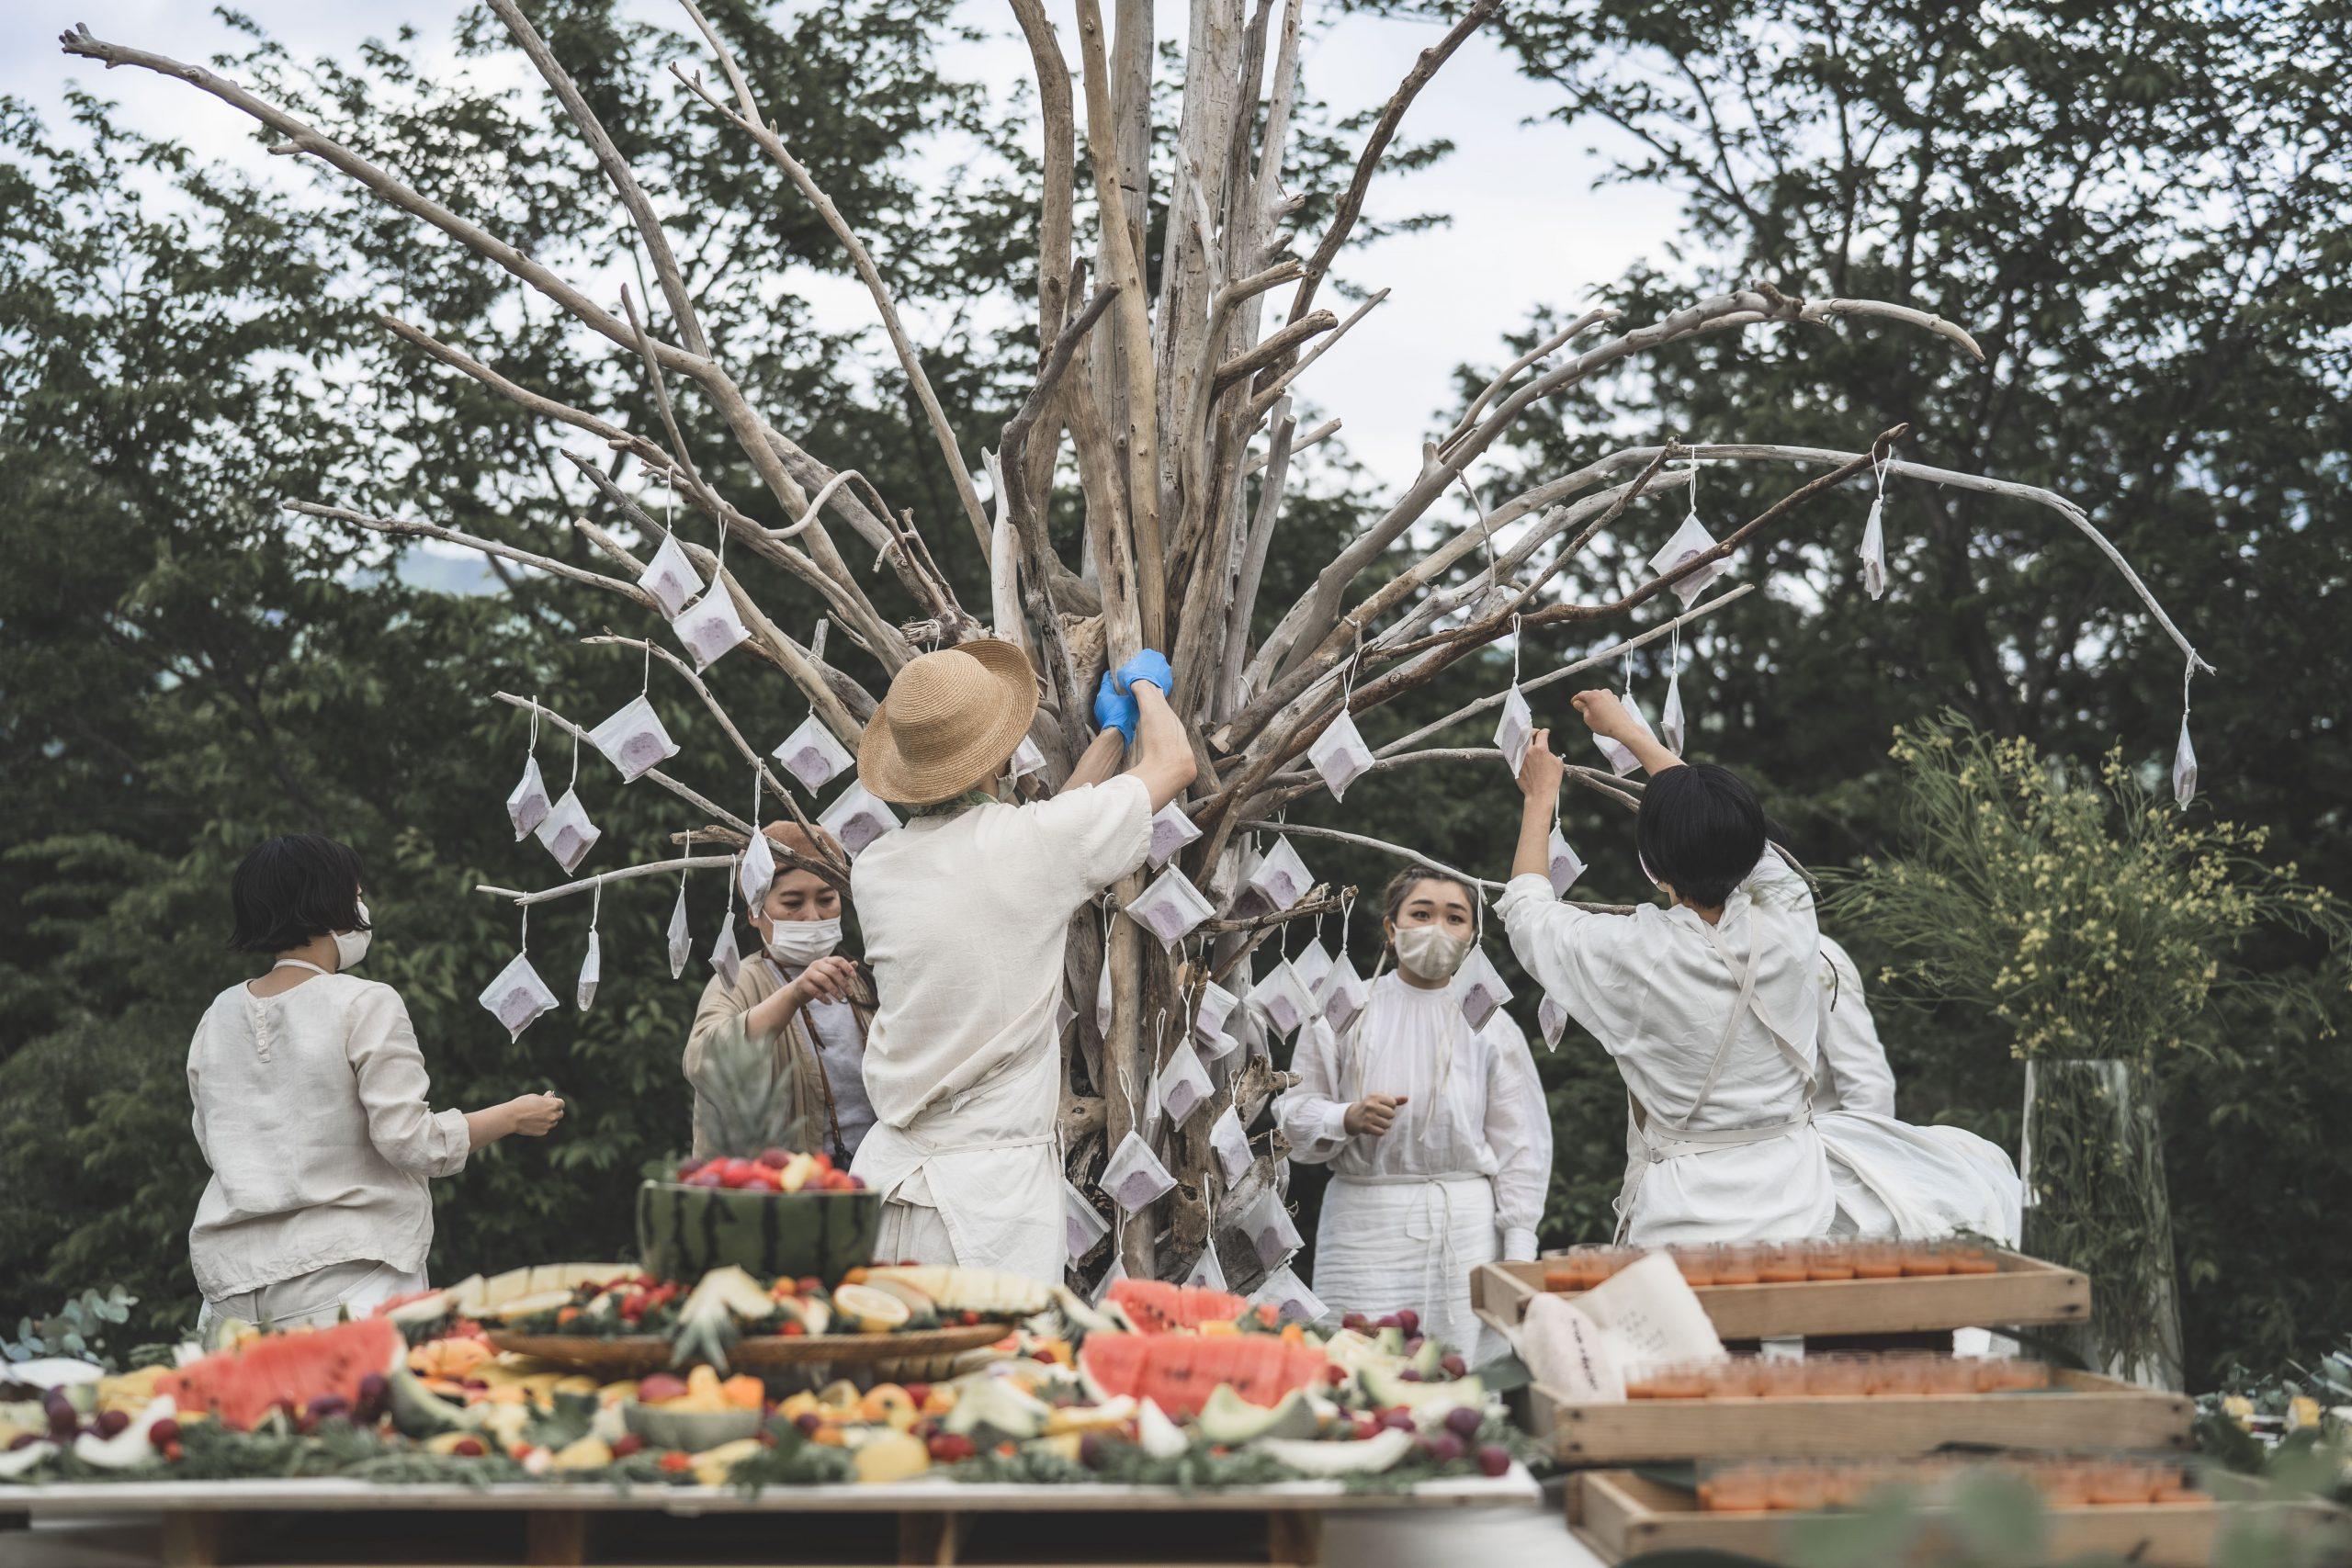 熊本土砂災害での流木で作られたシンボルツリー